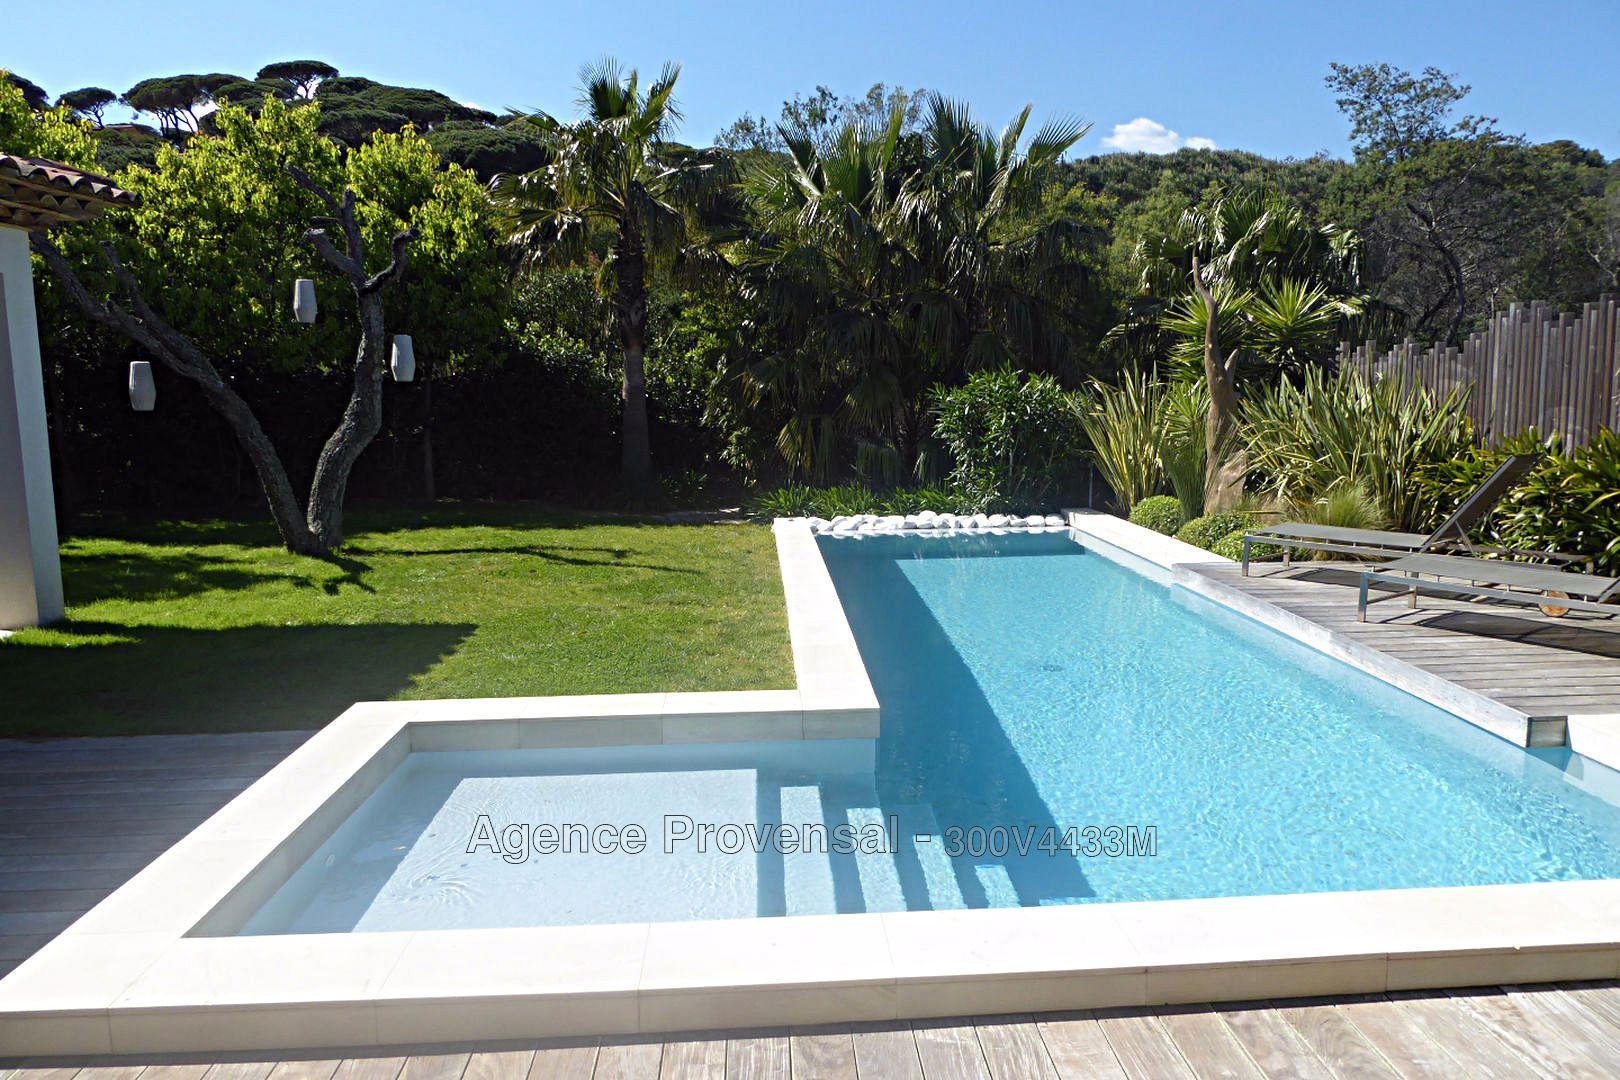 Maison villa recente avec piscine a vendre proche de la for Piscine ste maxime